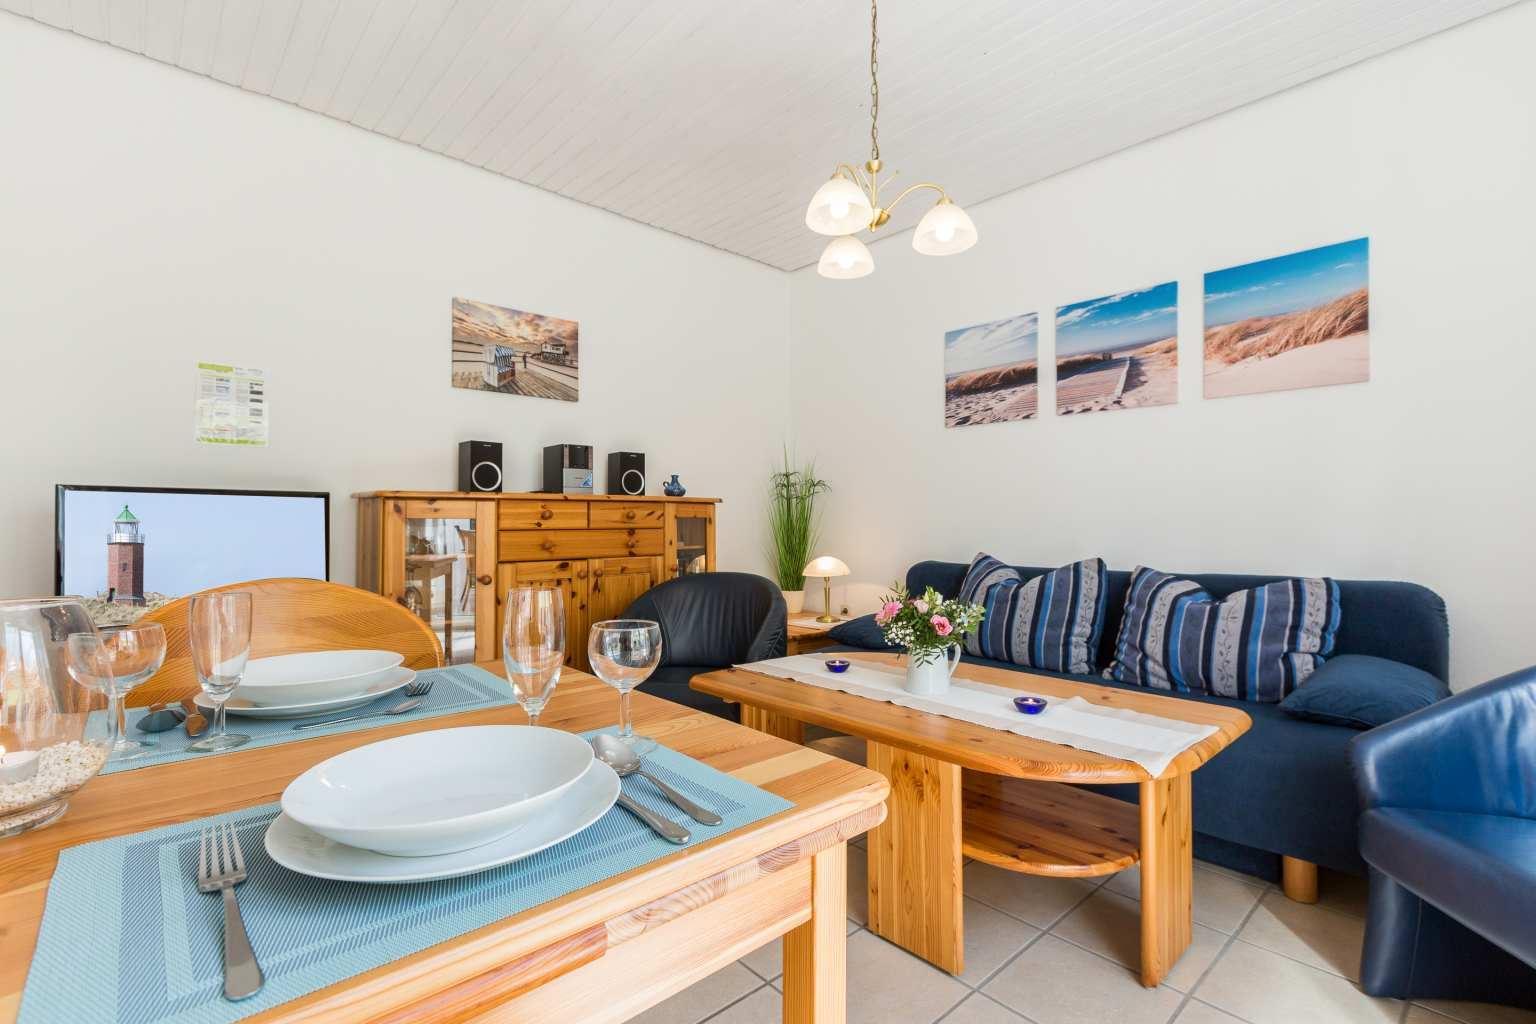 Wohnzimmer mit Essbereich - Haus Sturmmoewe, Wohnung 1, Badallee 27-27a, St. Peter-Dorf